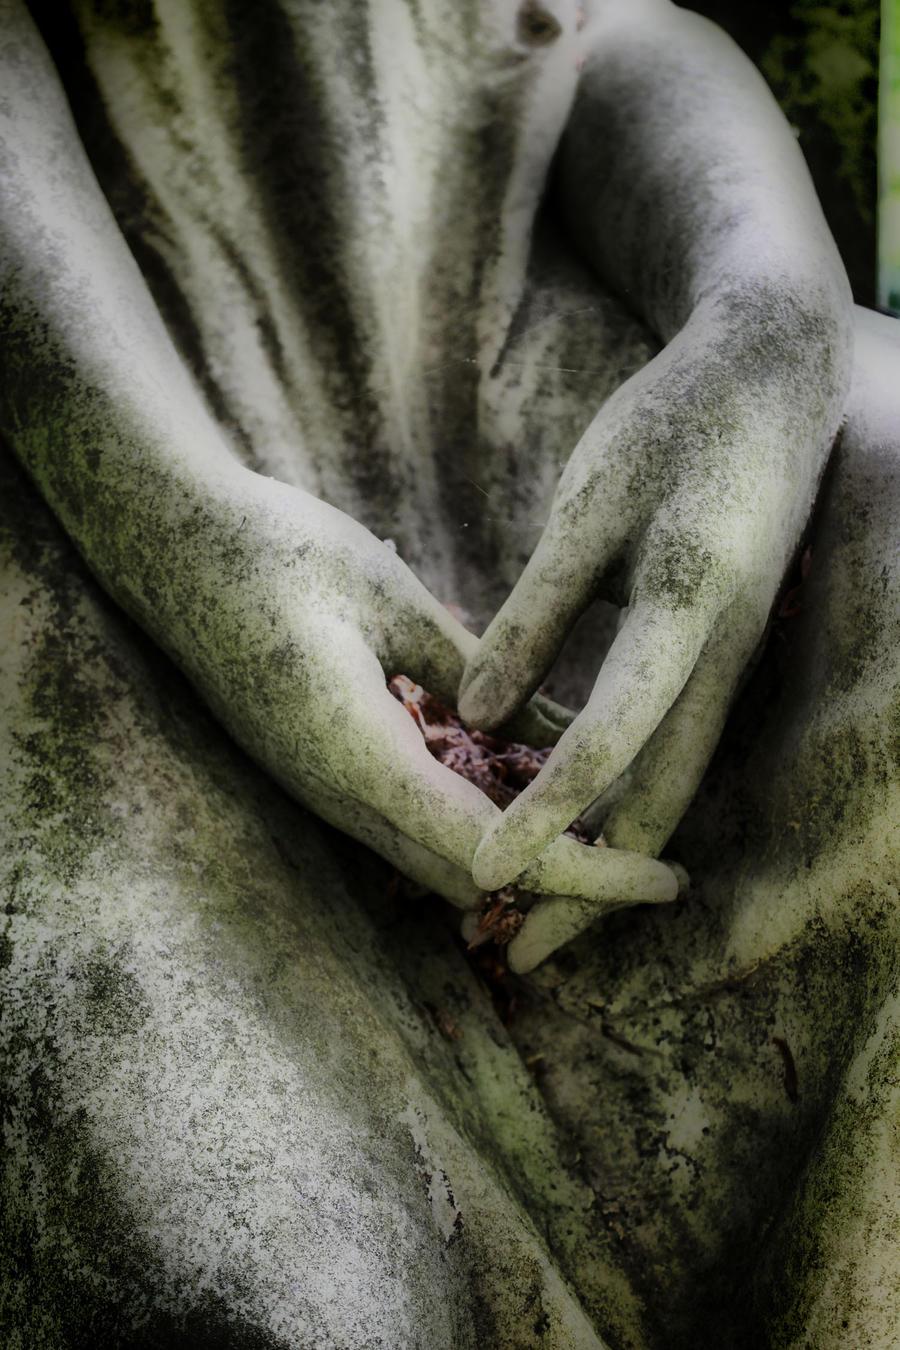 praying by Hagazussa82